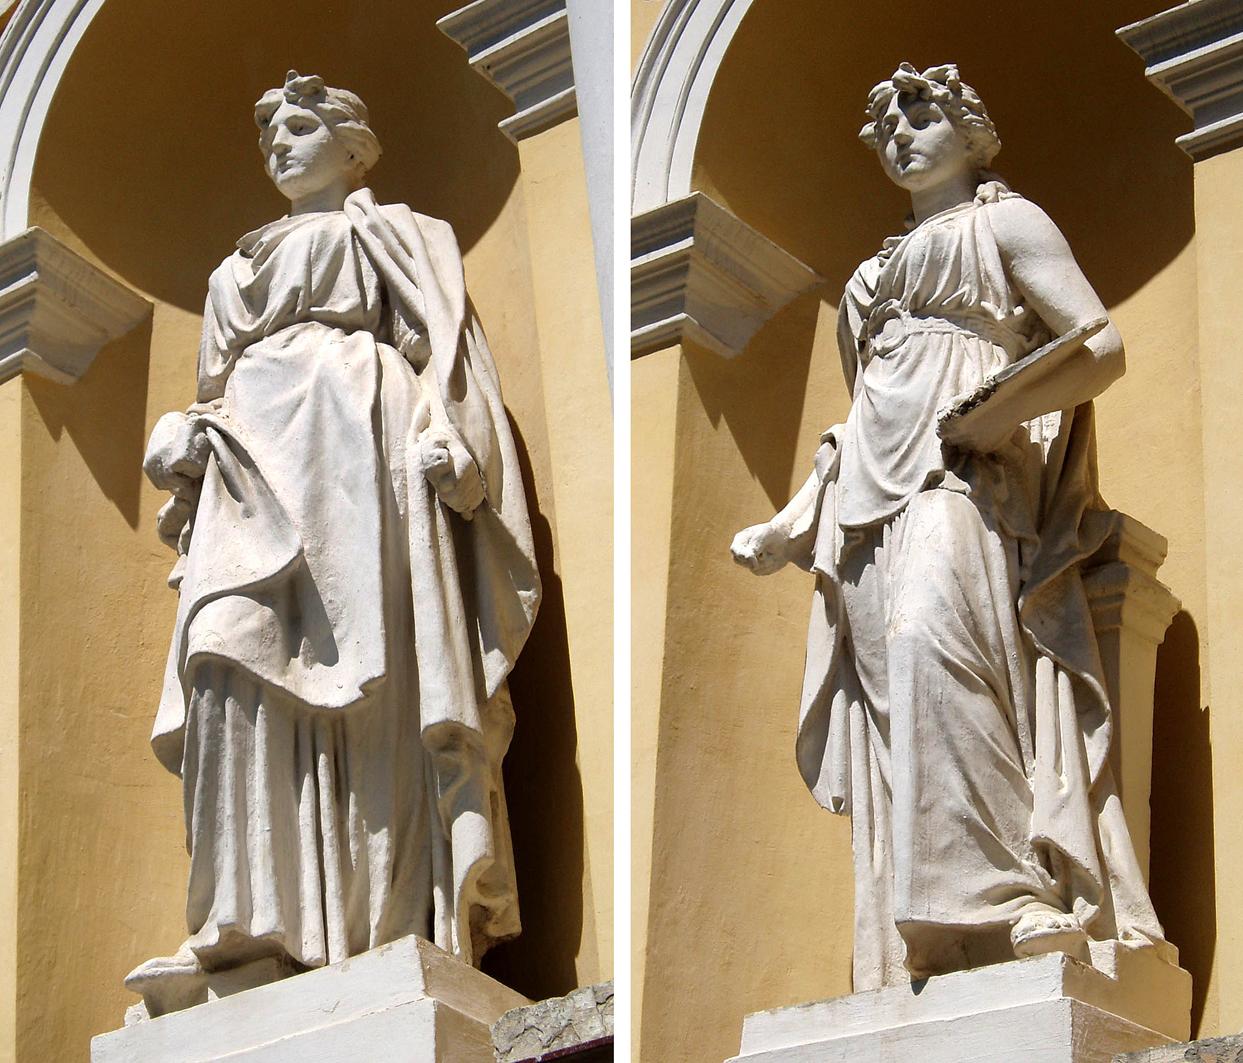 Антон Суліма-Попель. Скульптура, Живопис б-Палац мистецтв, 1894; пісковик